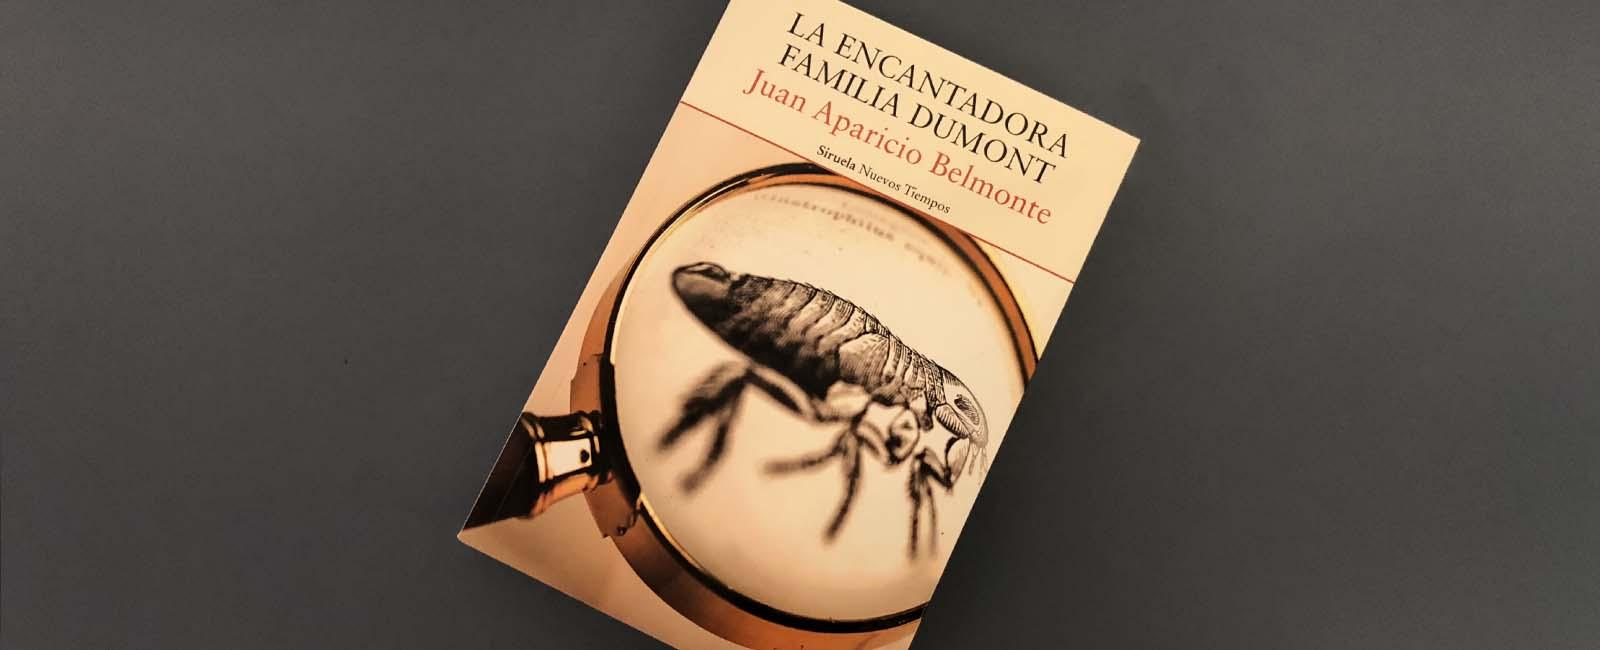 libro_juan_aparicio_1600x650